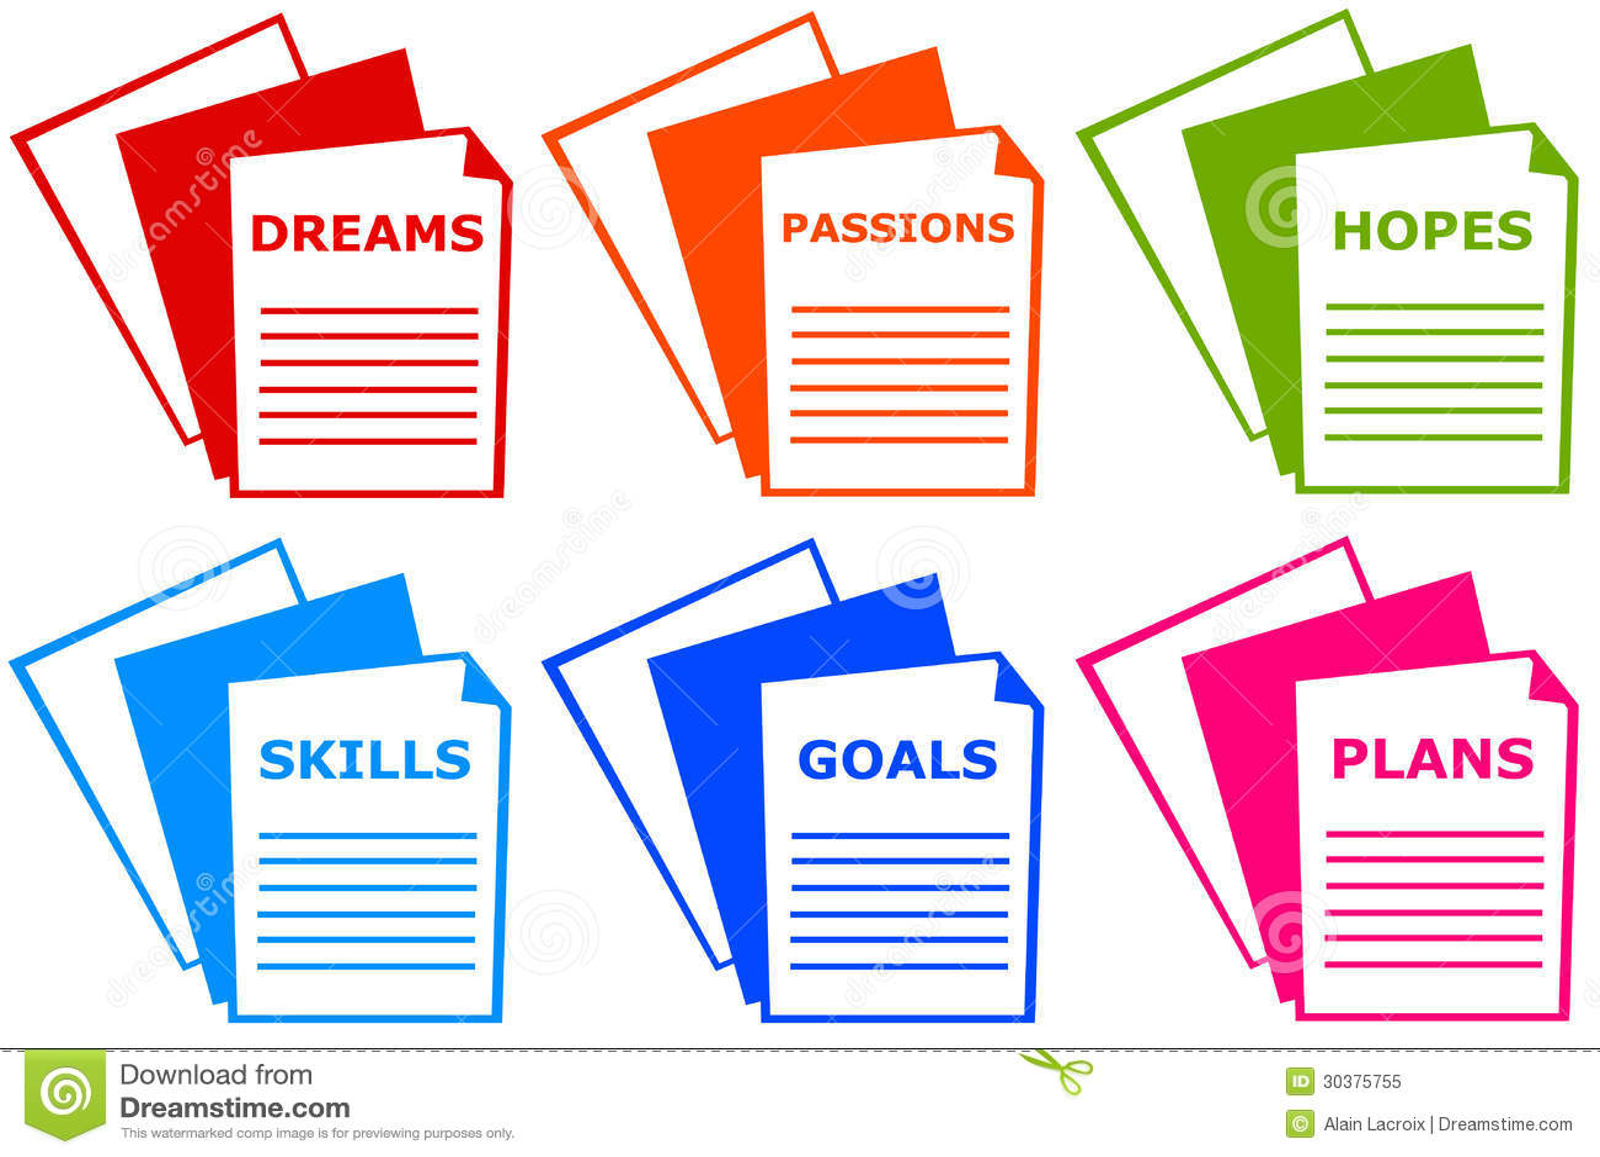 Goals Personal Improvement Self